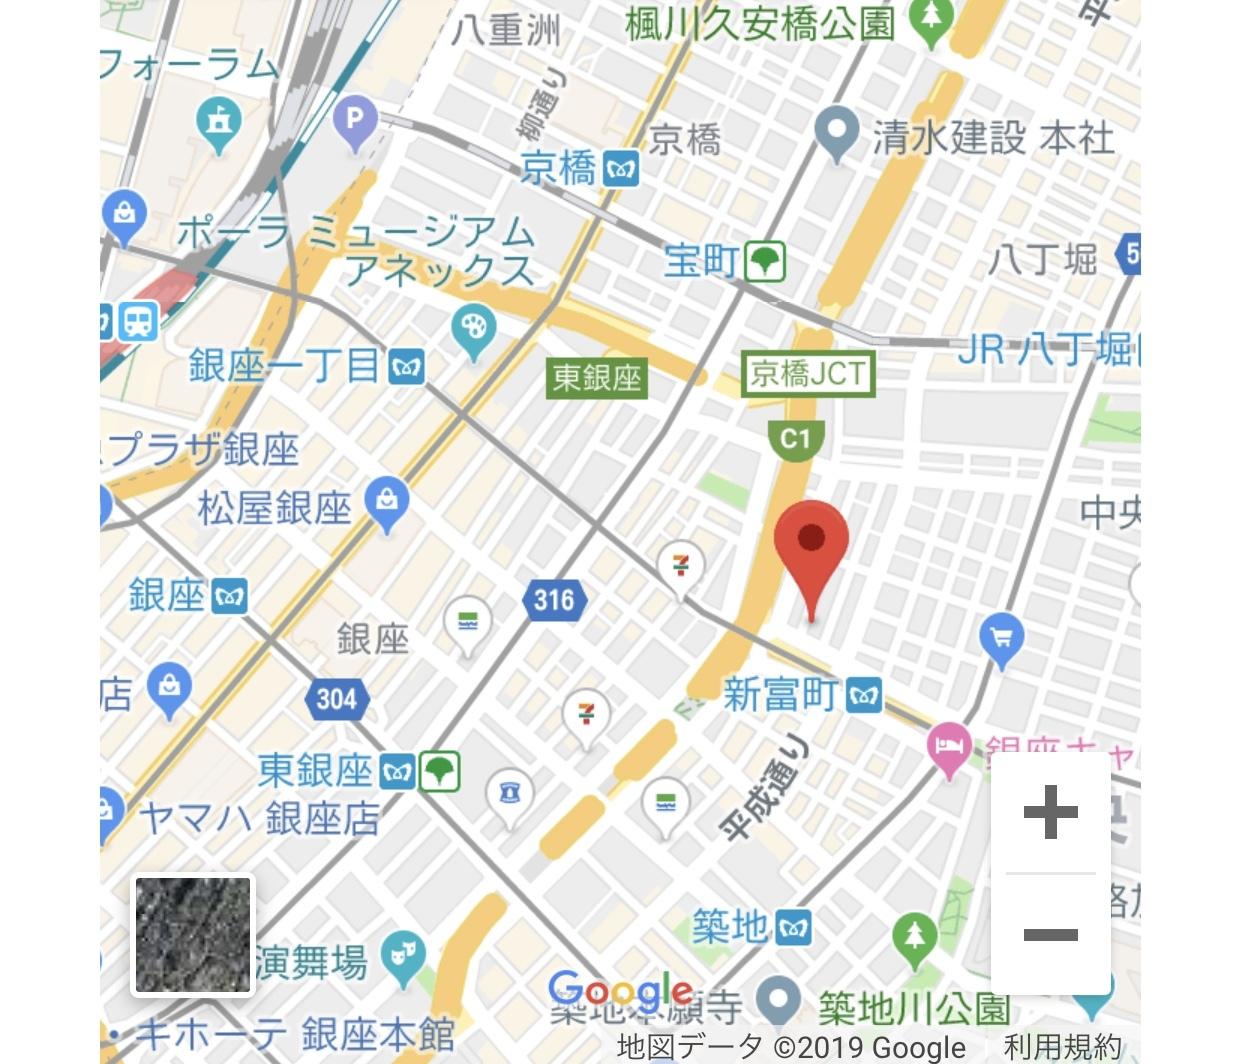 北原裕子+sion 二人展-路- 前半終了。後半は25日(木)からです。_a0137727_15184164.jpeg